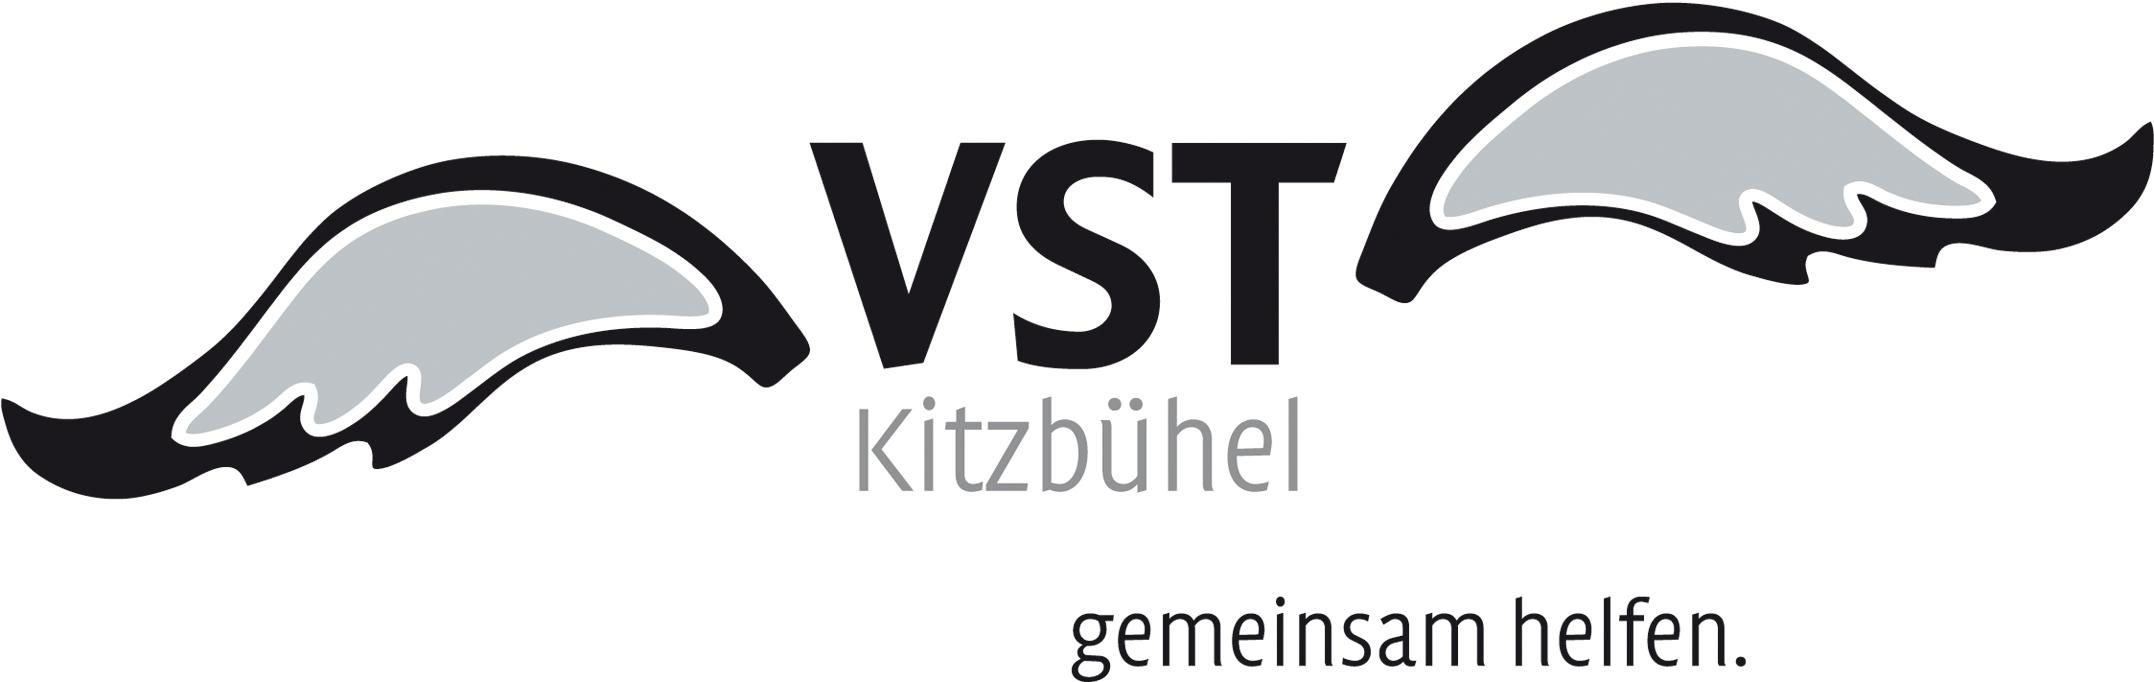 Vertreterstammtisch Kitzbühel